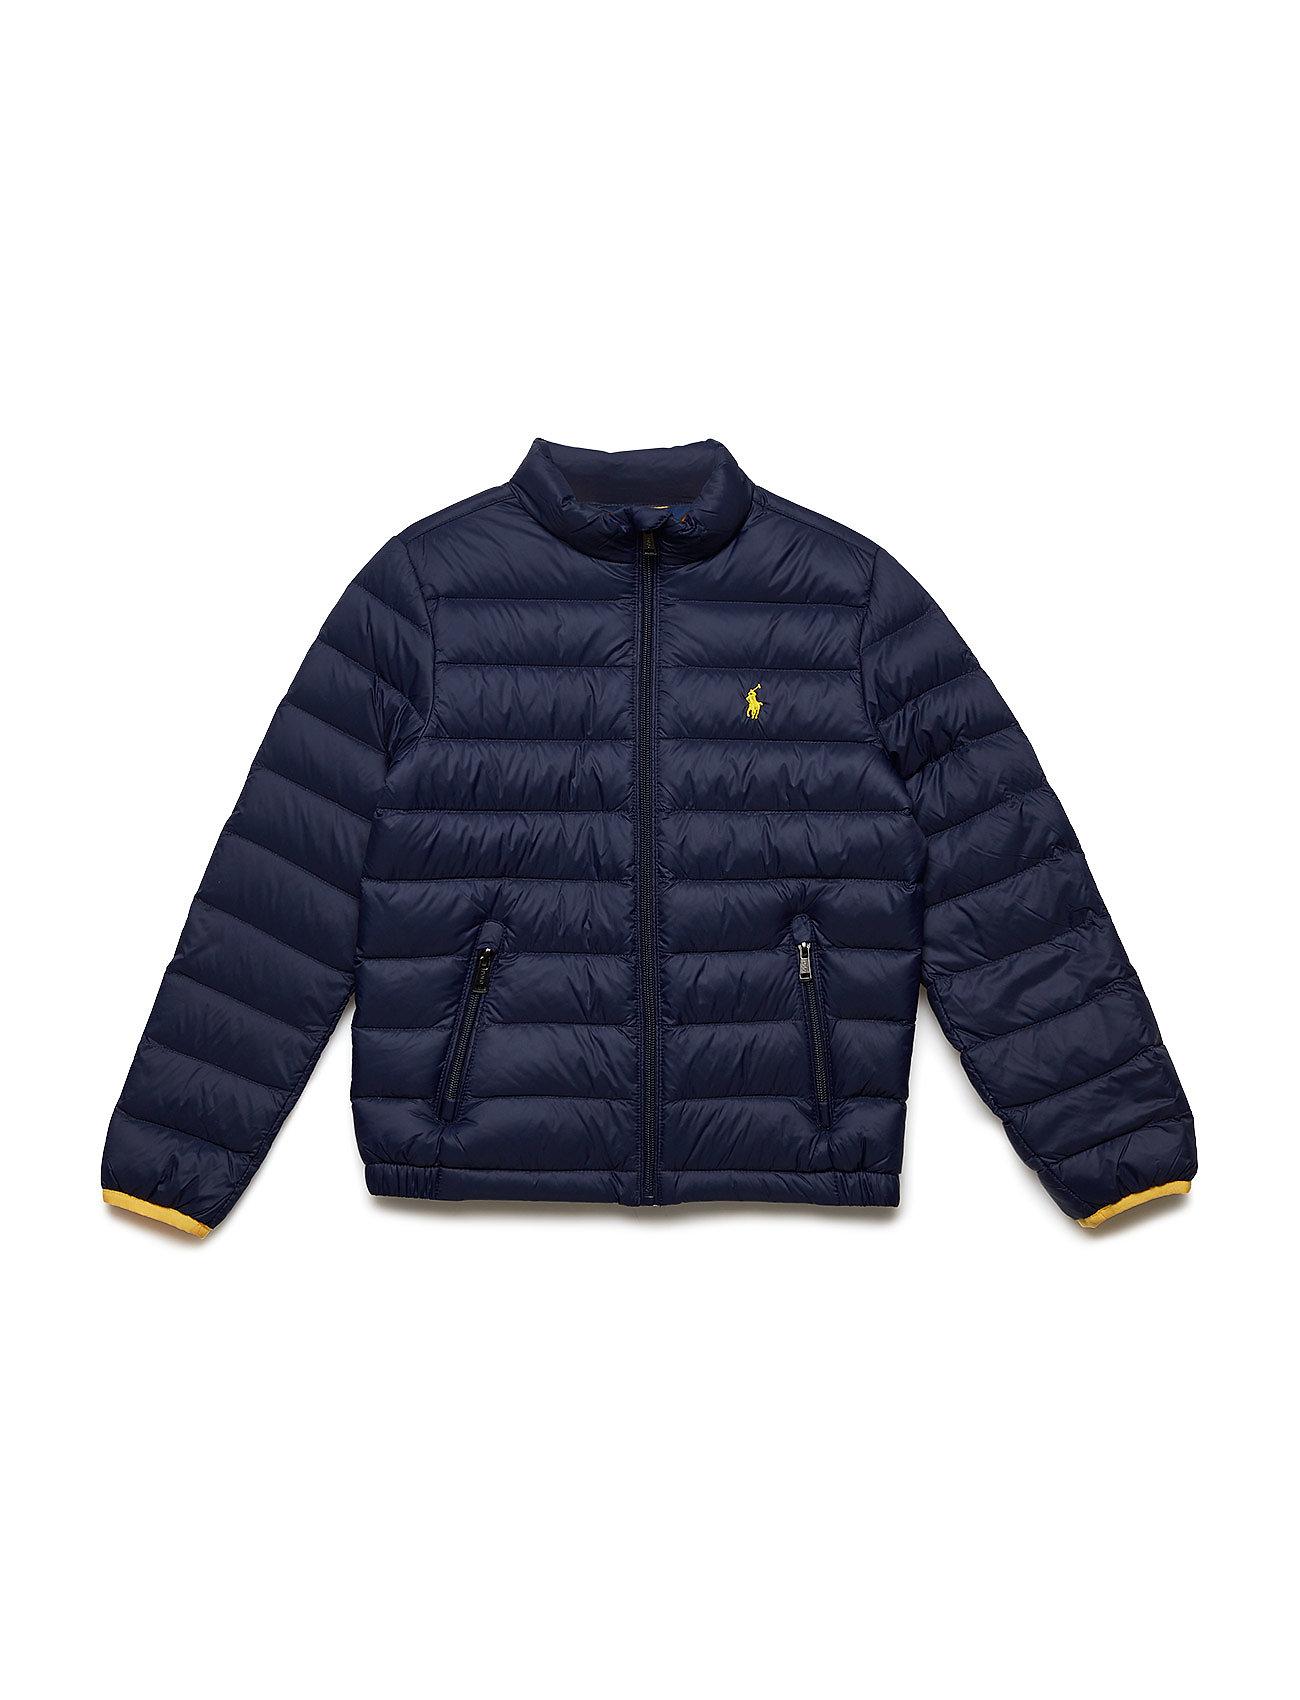 Ralph Lauren Kids Packable Quilted Down Jacket